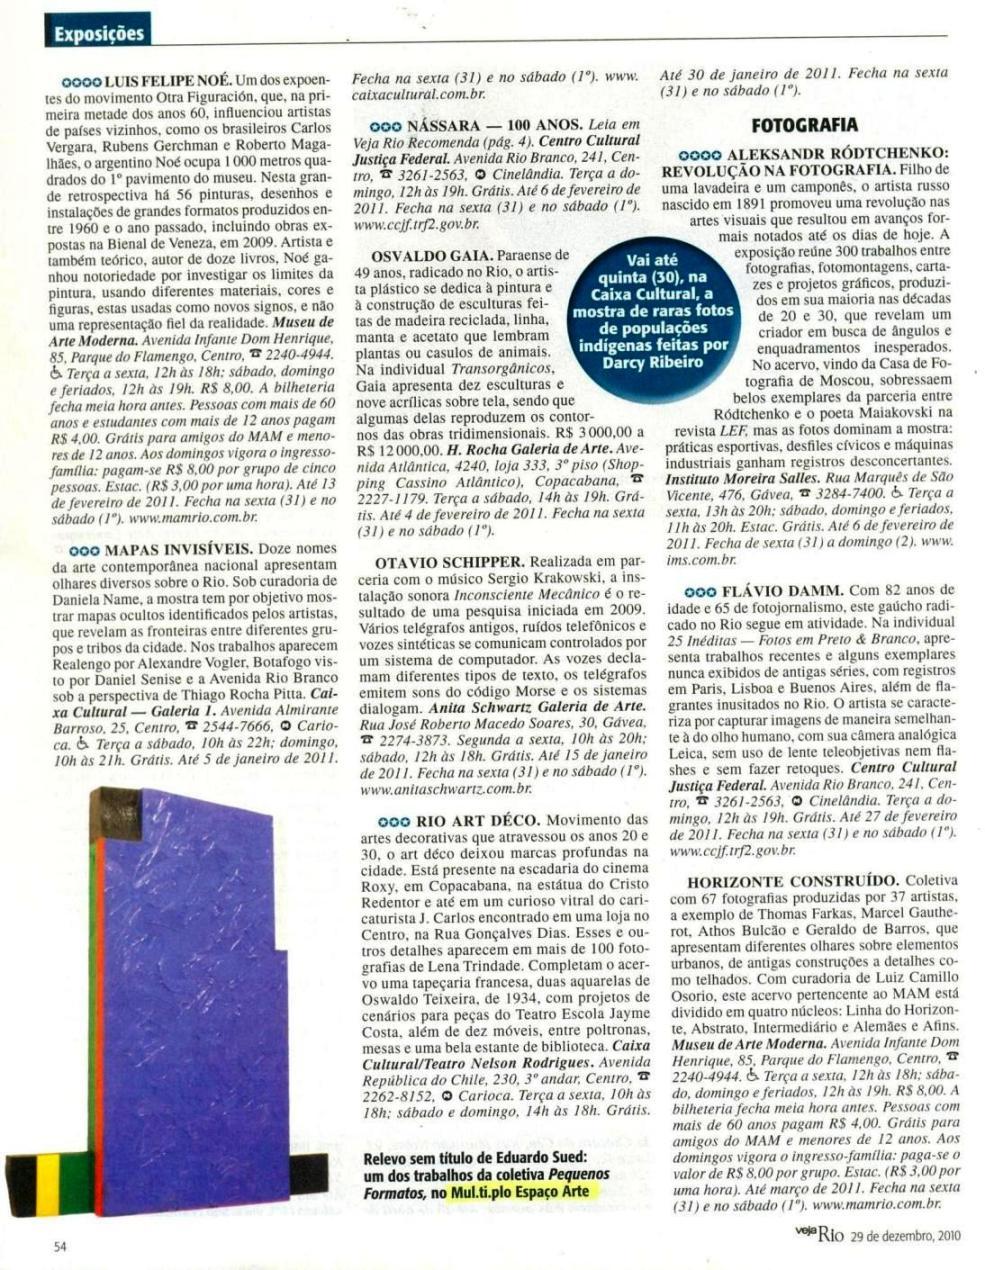 MUL.TI.PLO ESPAÇO ARTE NA VEJA RIO 29.12.2010 (1).jpg